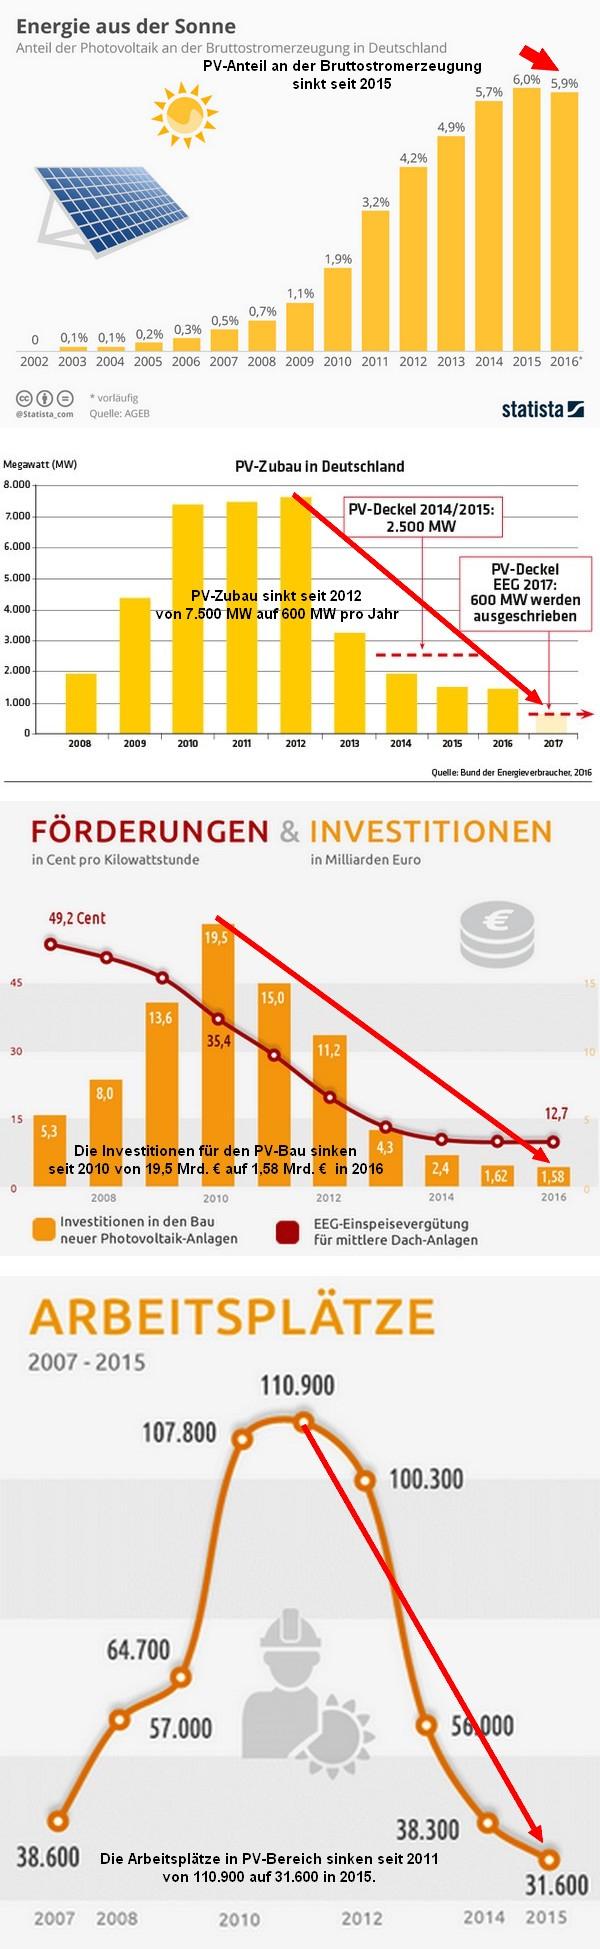 Internet-Vademecum - A. Brandenberger